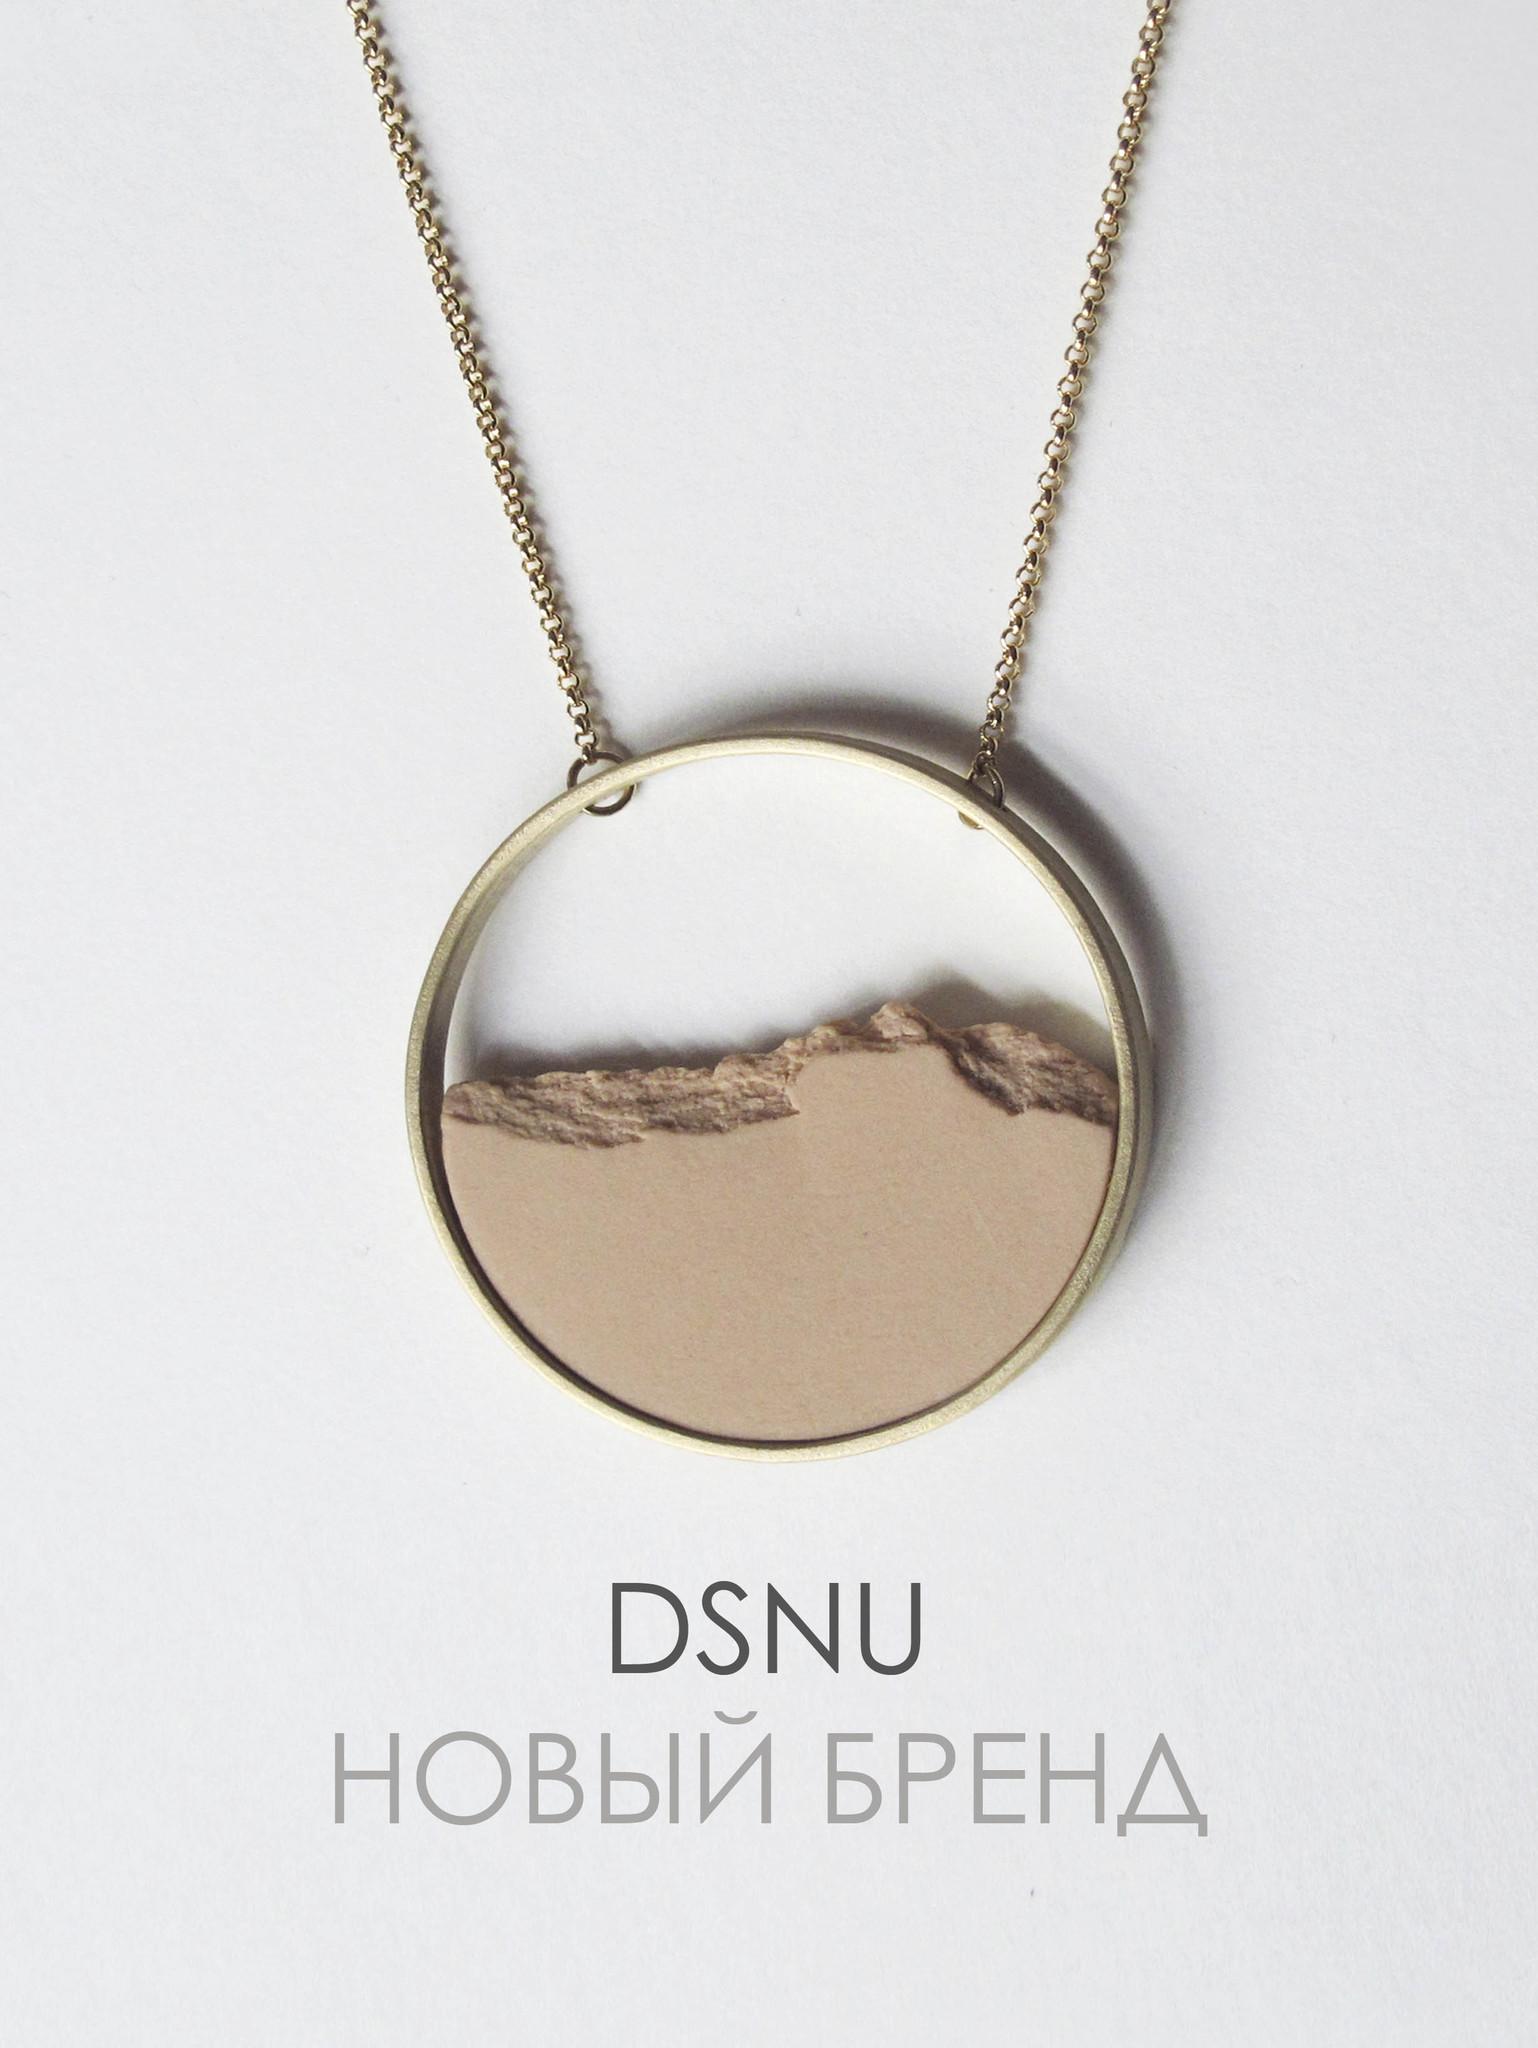 Испанский бренд DSNU - минималистичные украшения из фарфора и серебра